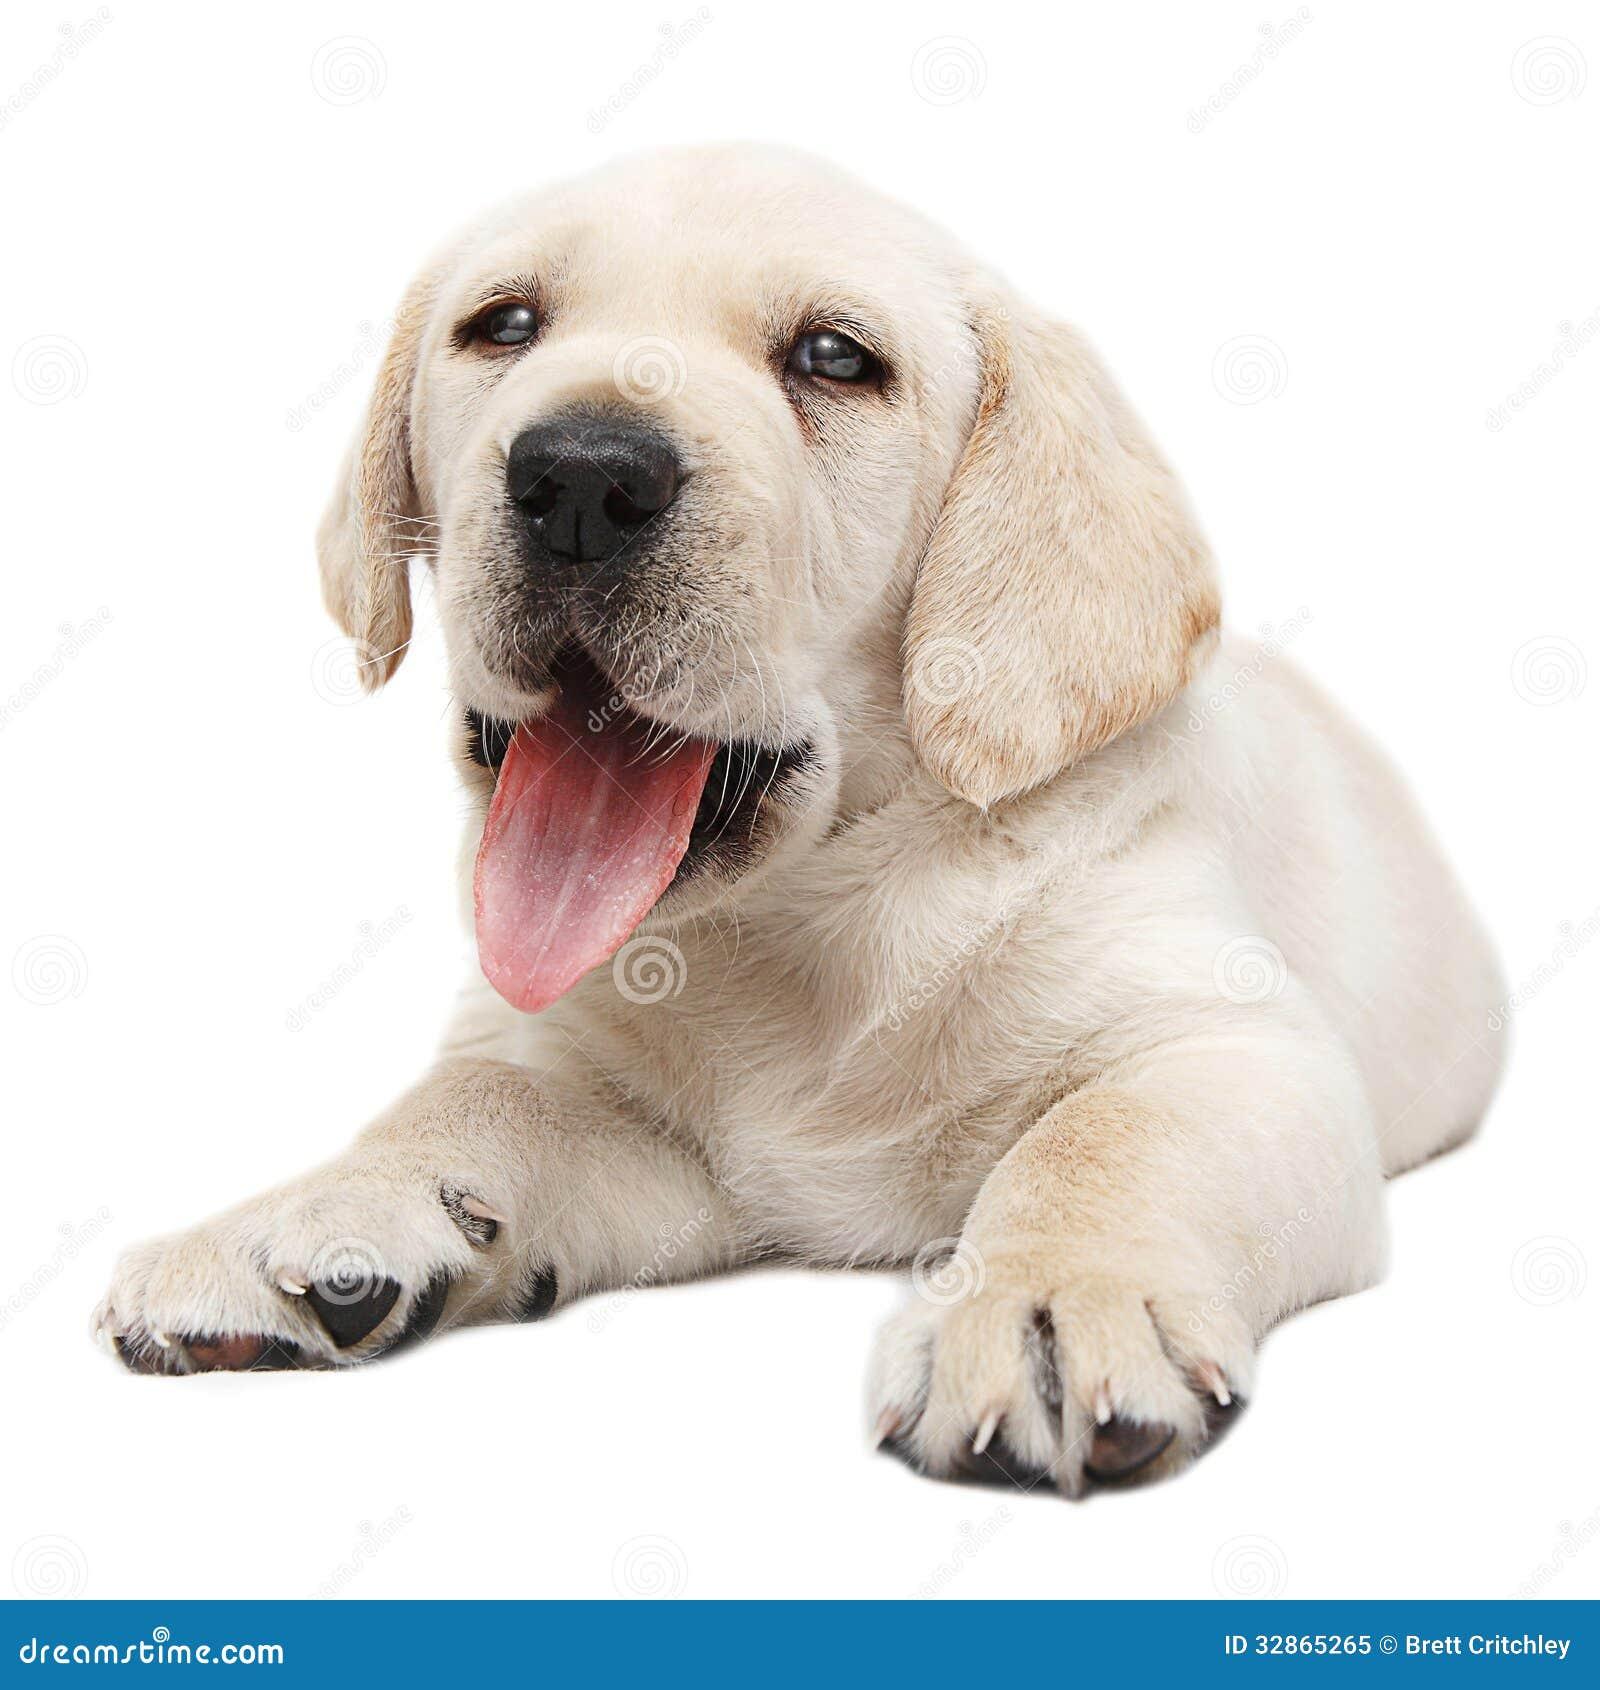 Cucciolo di cane ansimare